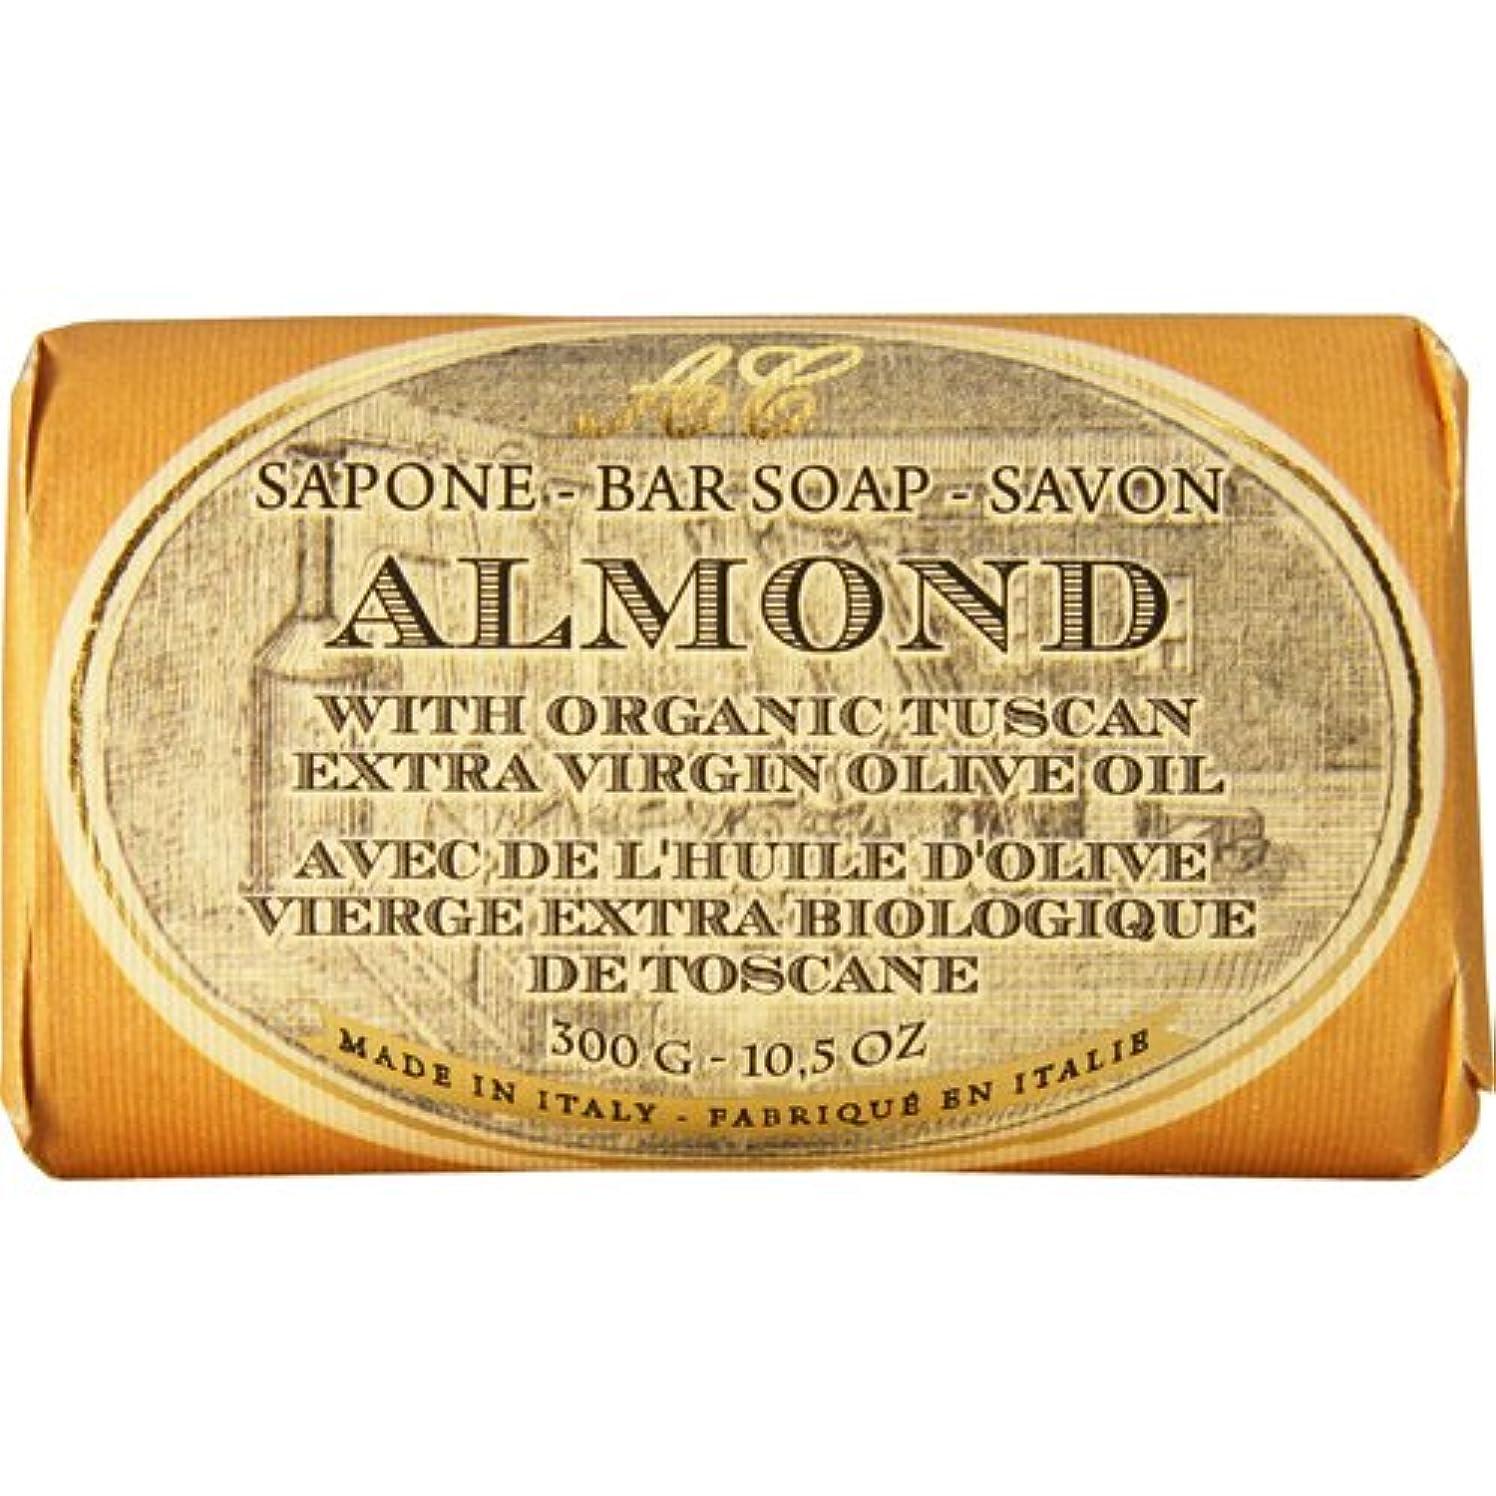 グラマースキー防腐剤Saponerire Fissi レトロシリーズ Bar Soap バーソープ 300g Almond アーモンドオイル